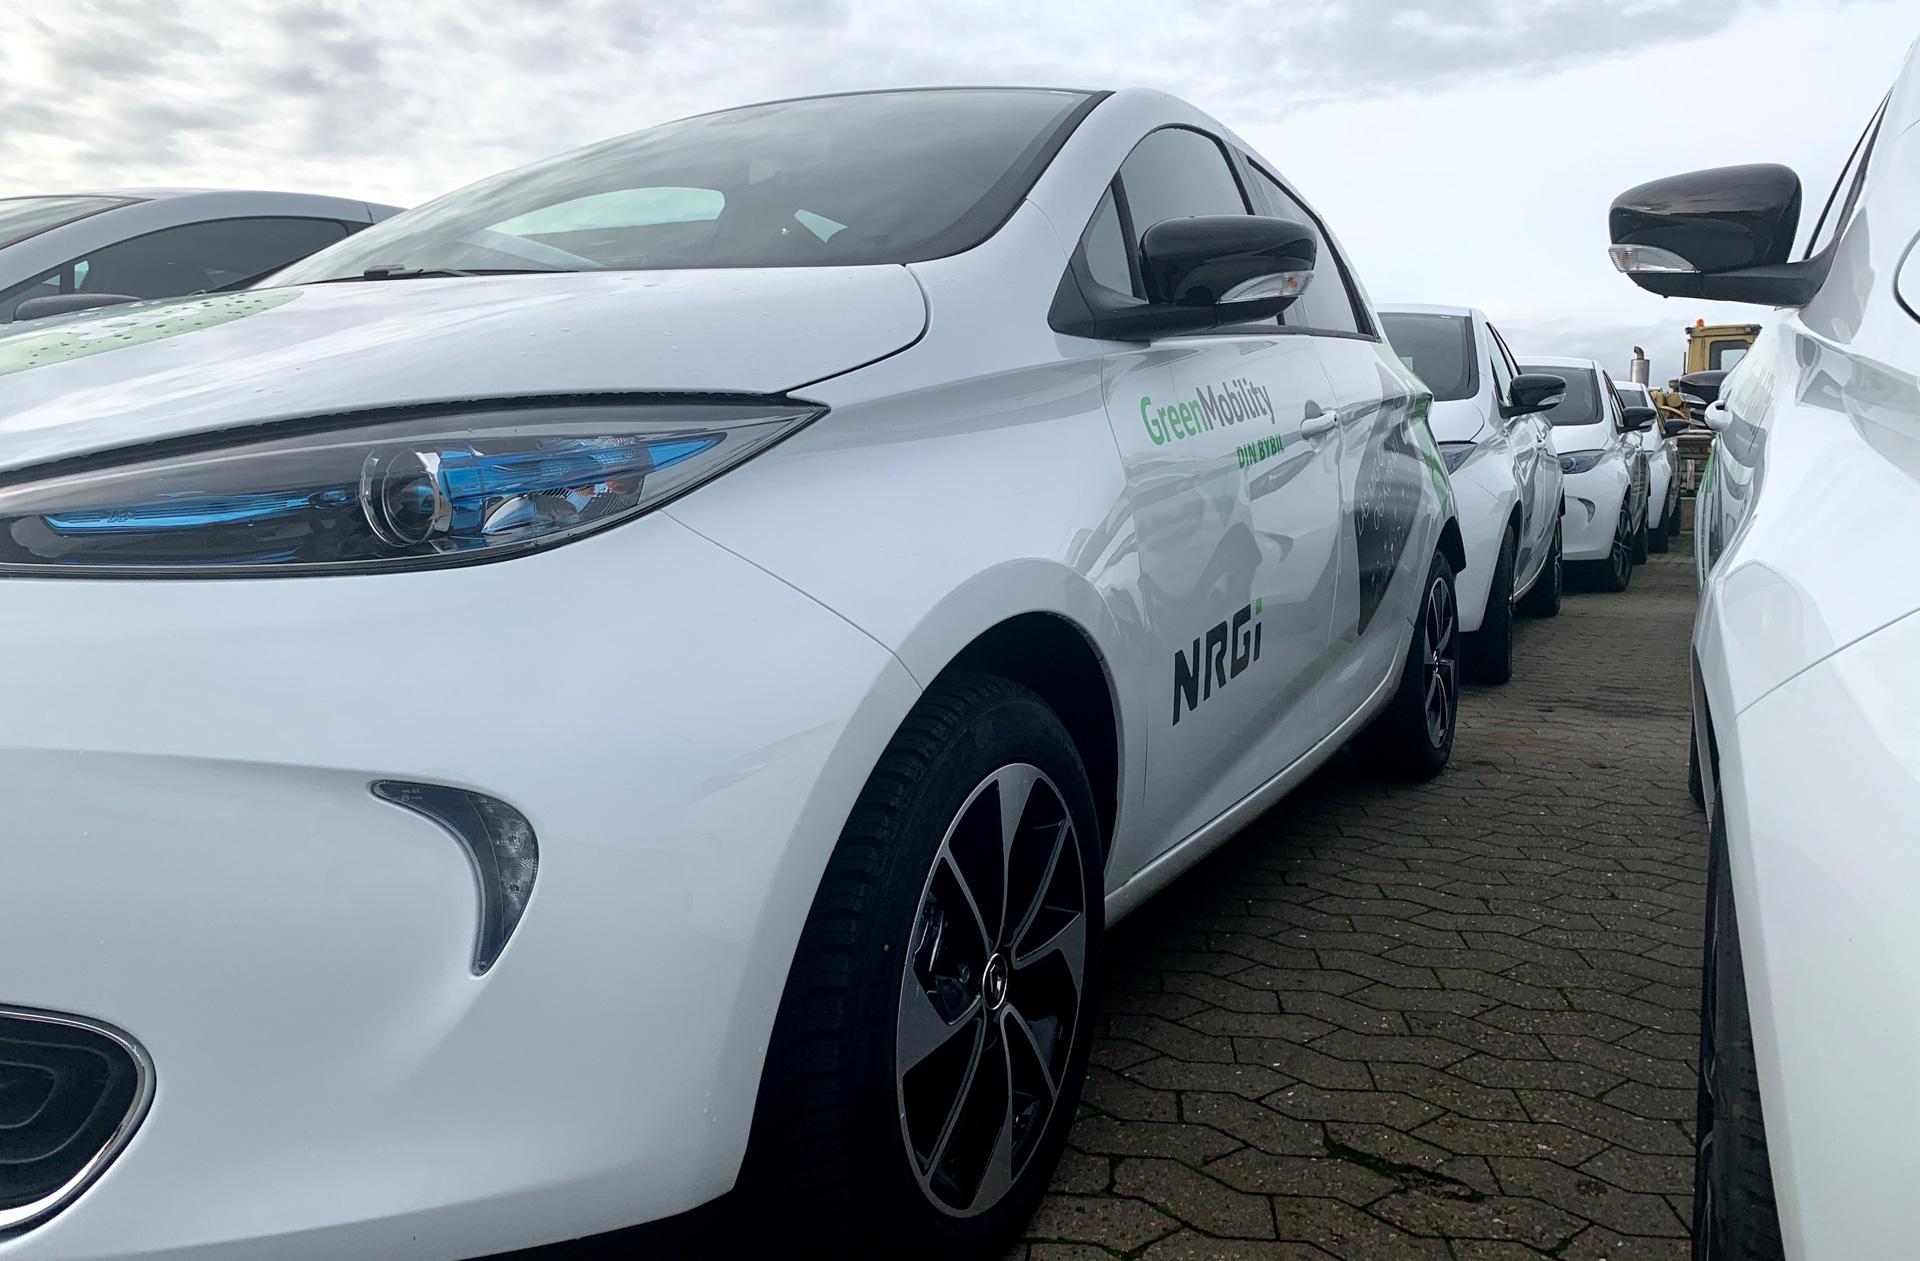 Bybiler: GreenMobility og NRGi giver aarhusianerne 200 el-bybiler